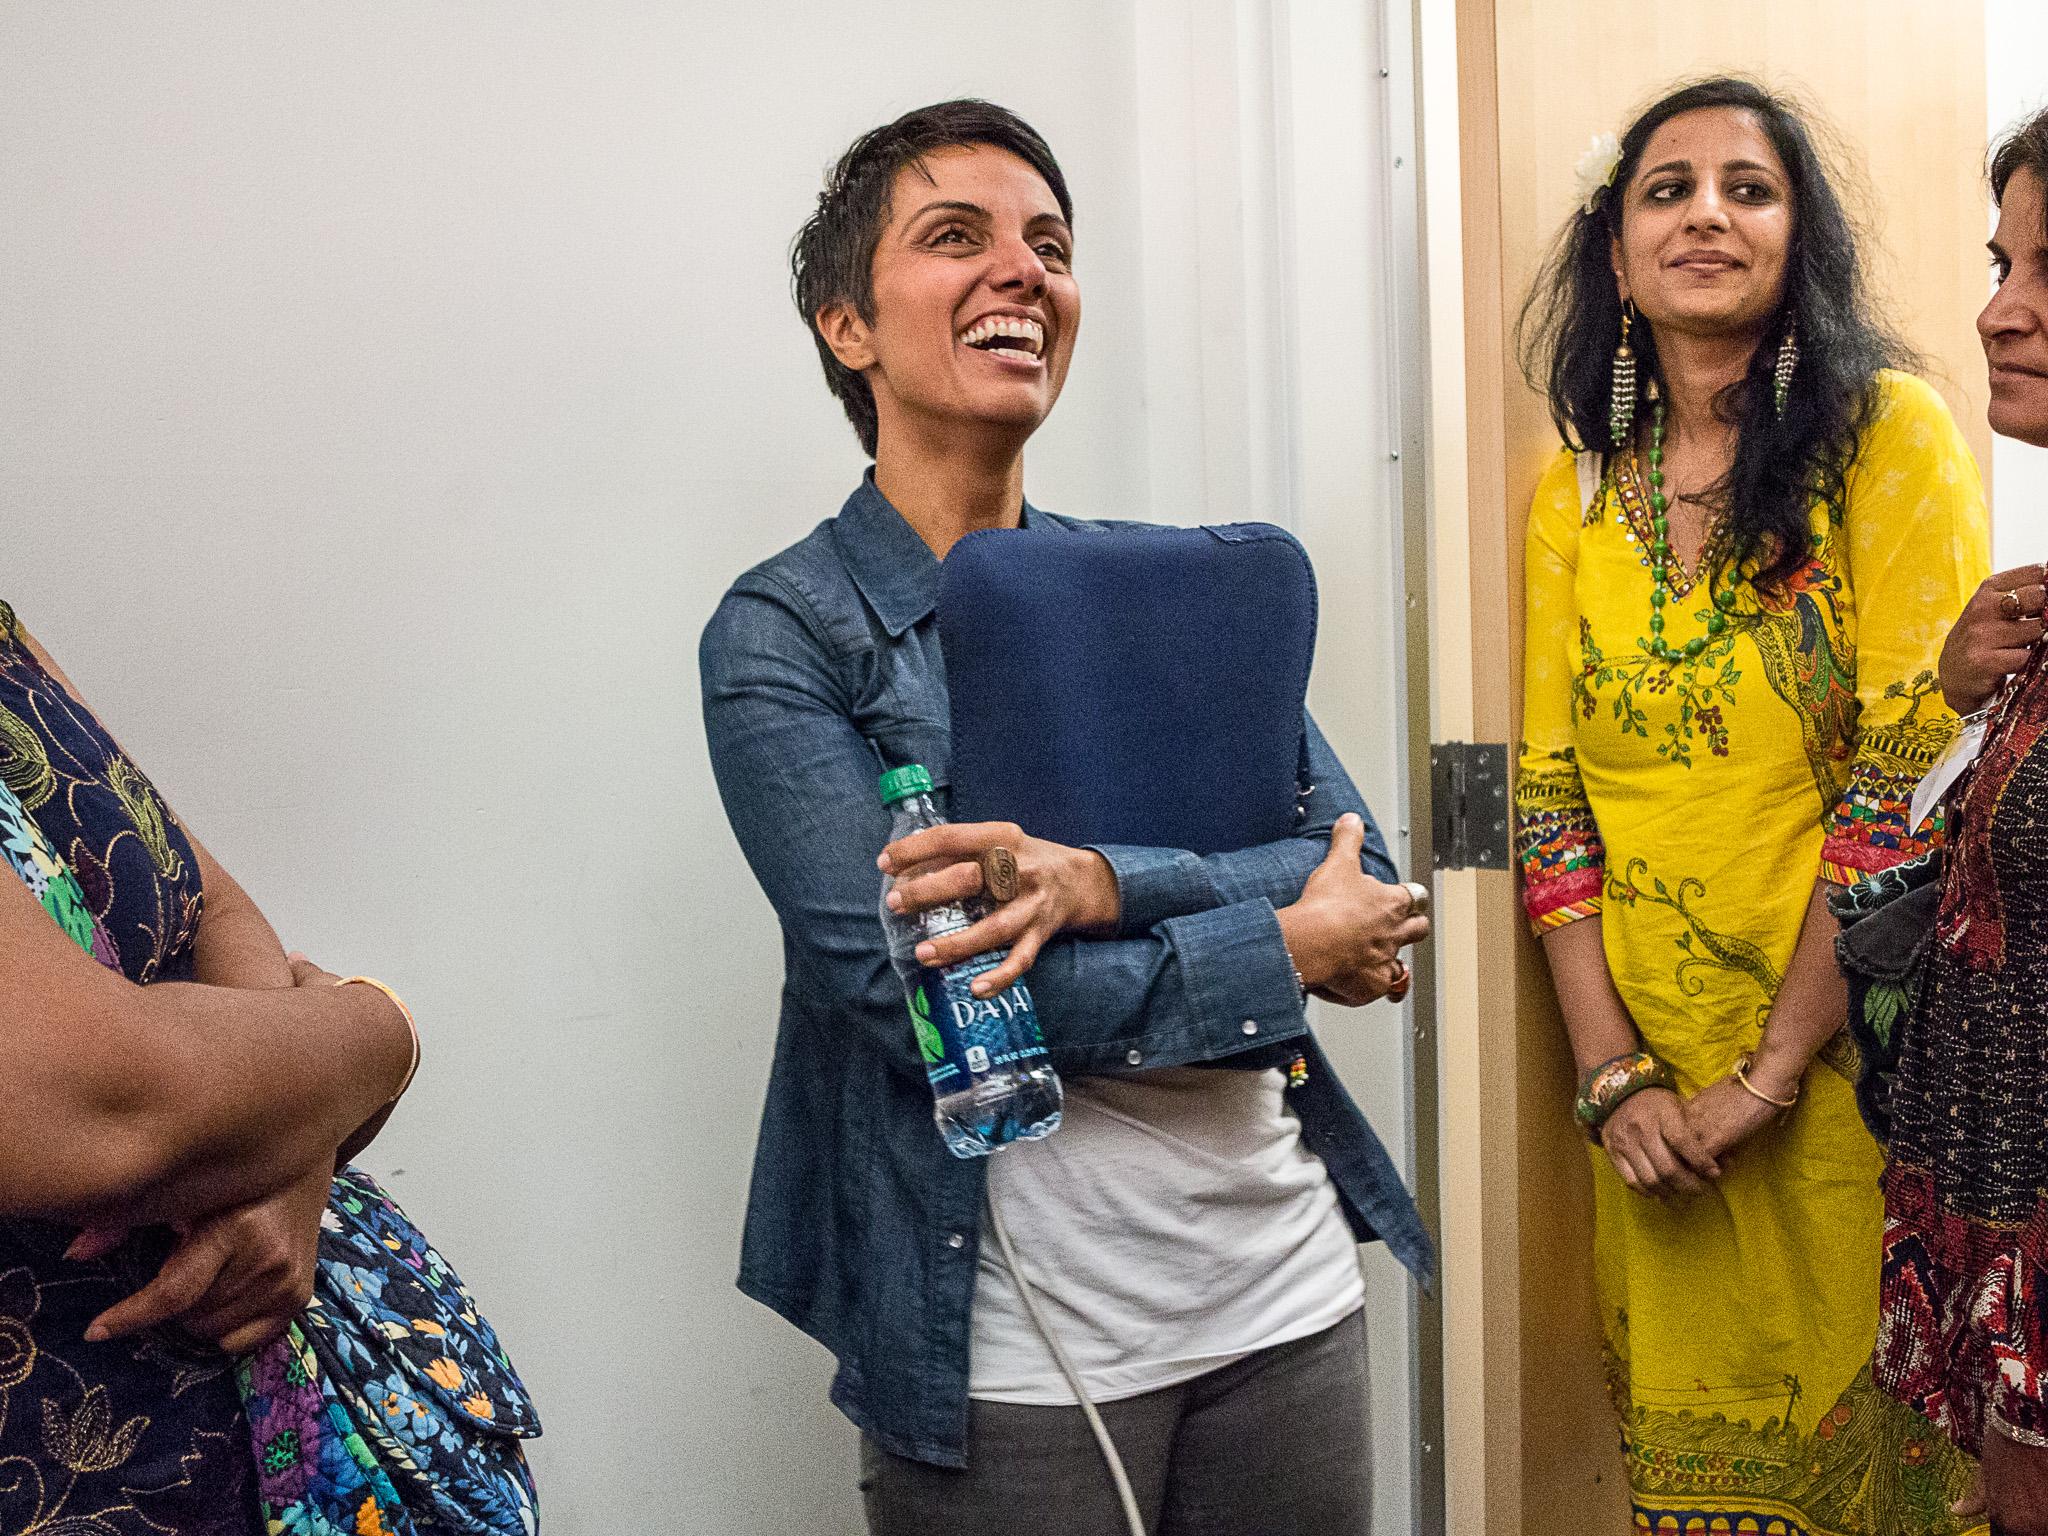 Fawzia Mirza and Neha Misra